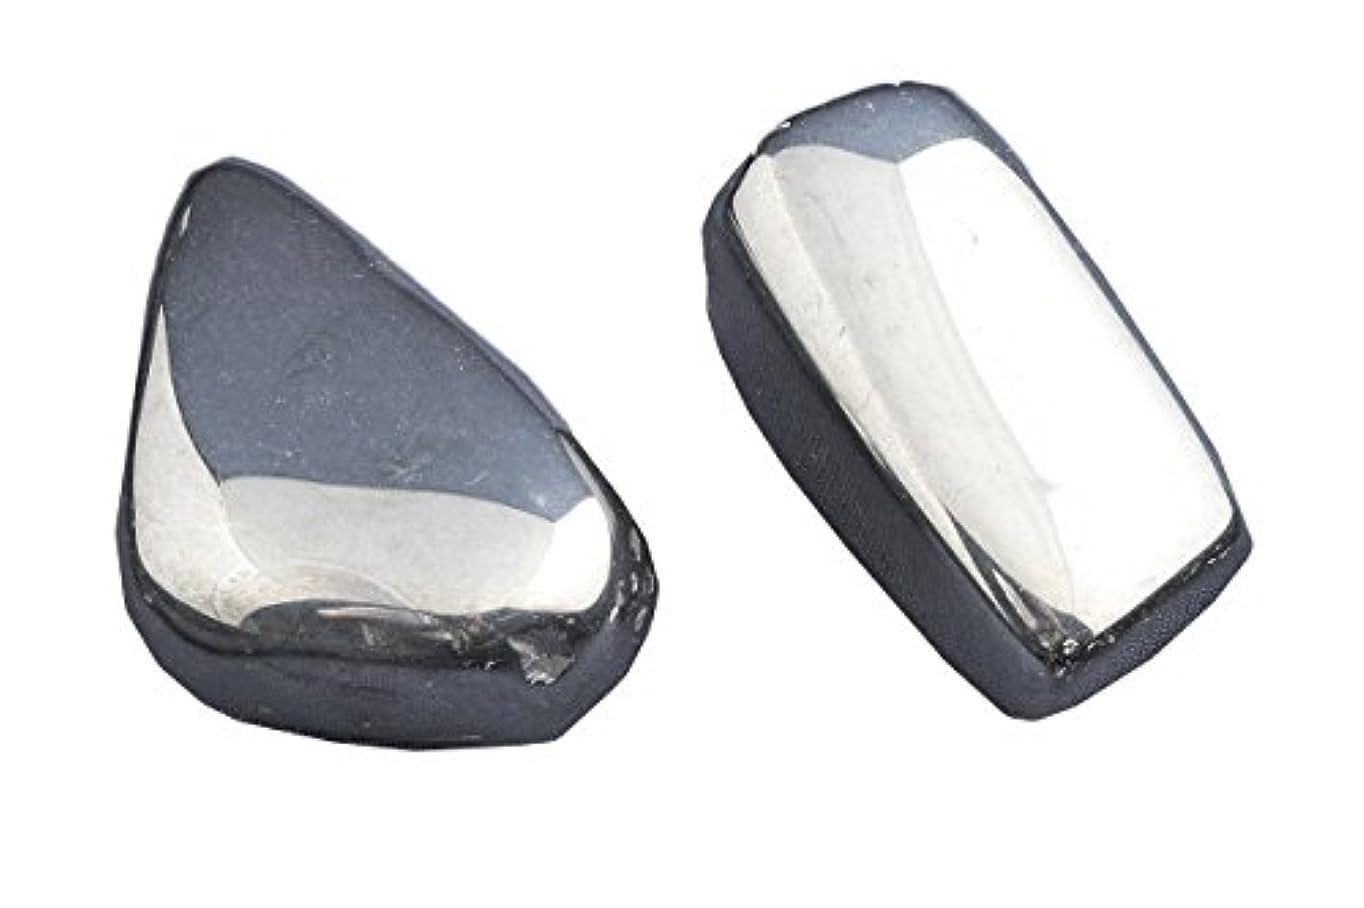 消費者枯渇する放送Natural Pure ドクターノバリア テラヘルツ ソニックストーン リフトアップ&小顔対応 1個約50~55グラム前後 2個セット 本物の証